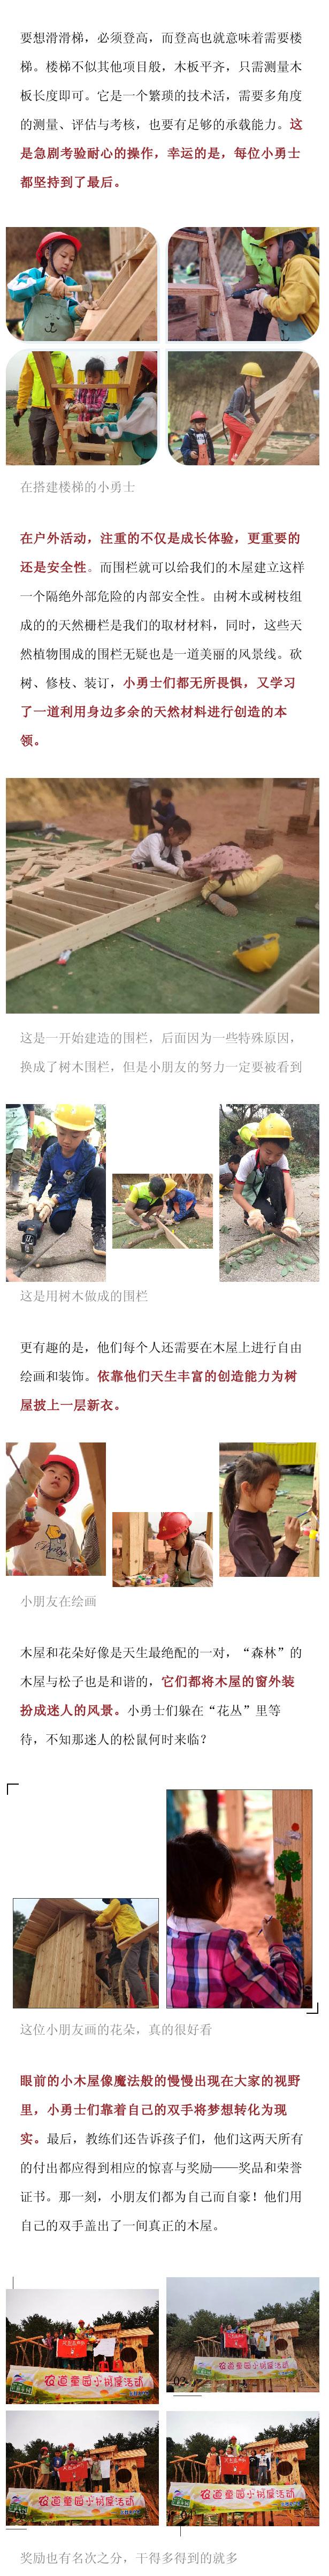 齐心协力,助梦成长——农道童园小木屋活动DAY2_05.jpg